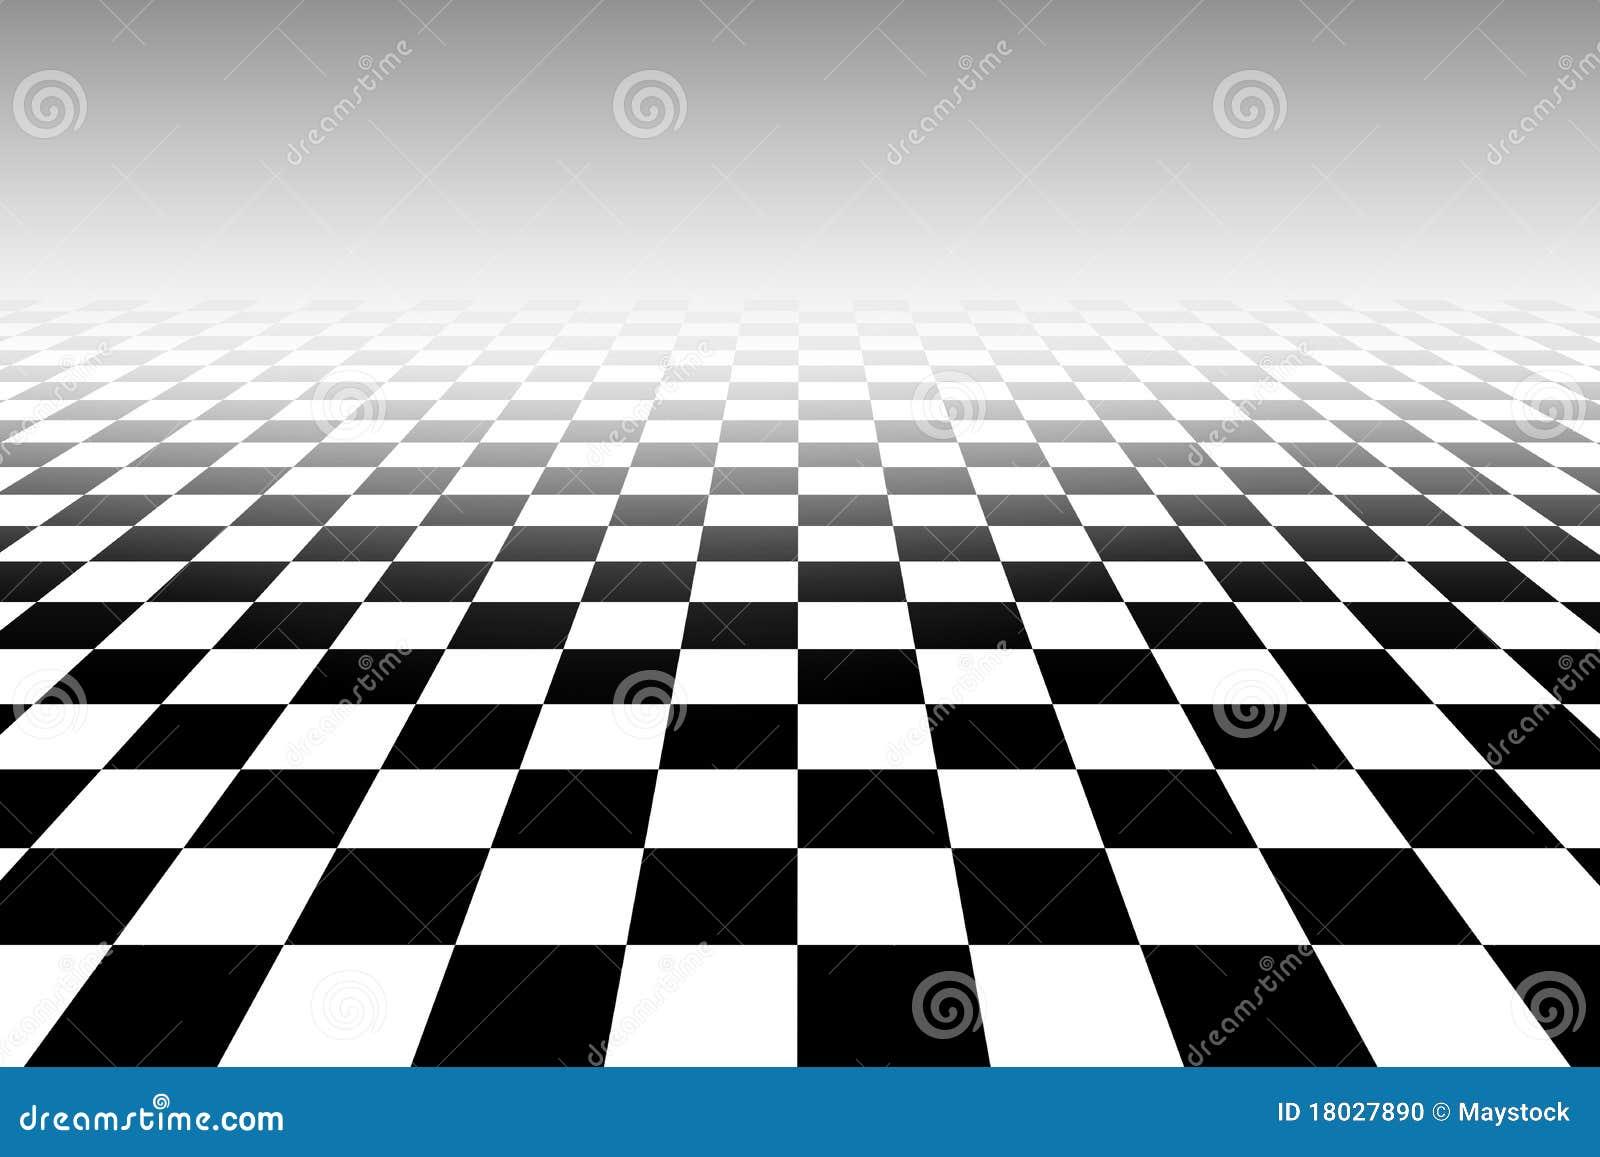 Modelo blanco y negro del tablero de ajedrez de for Papel pintado blanco y negro